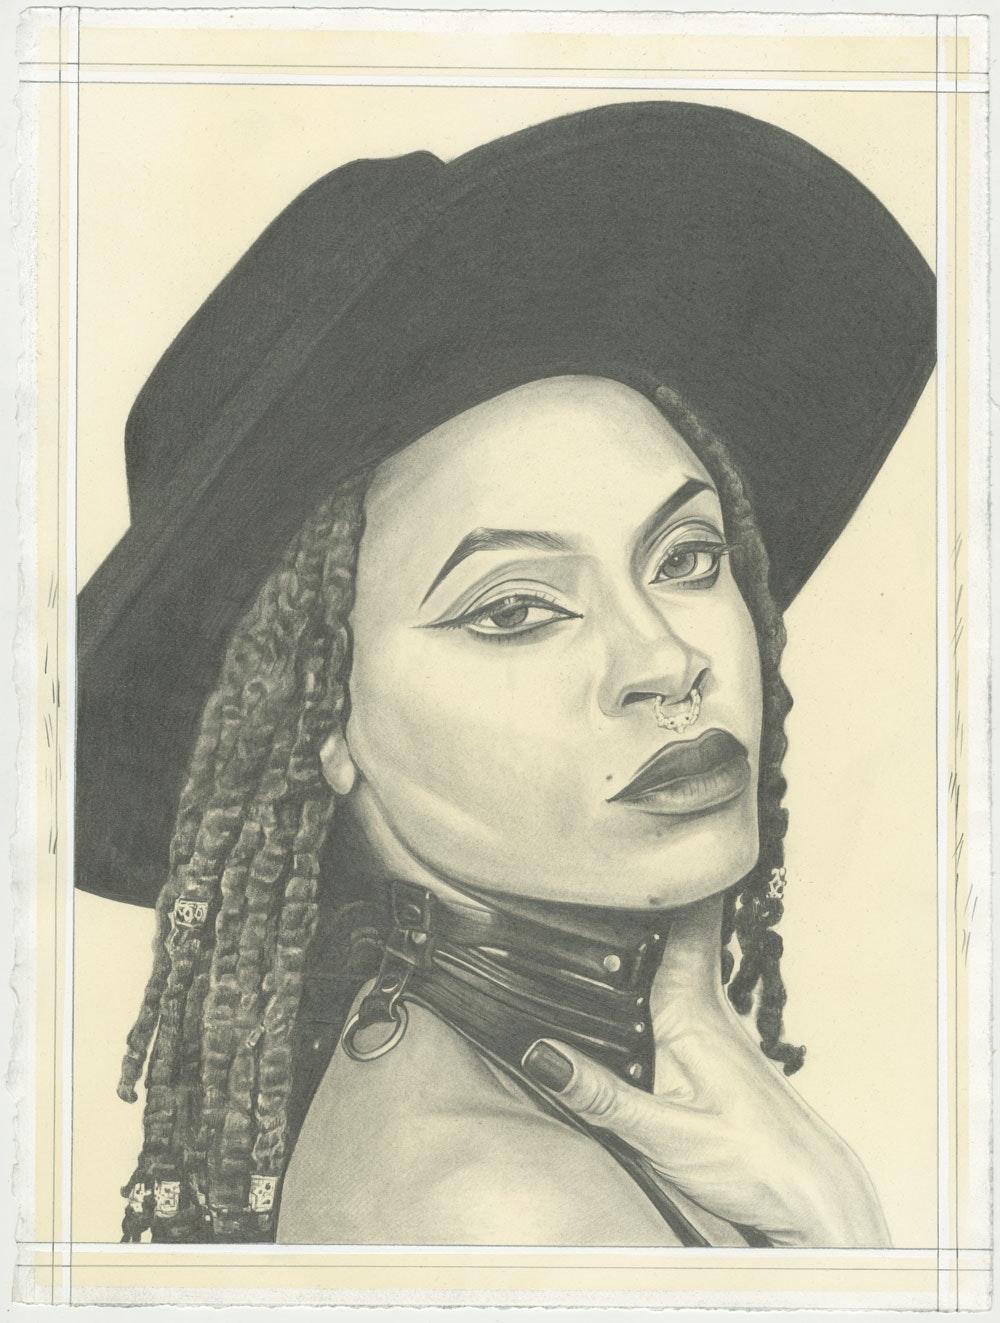 Portrait of Arazel Thalez, pencil on paper by Phong H. Bui.